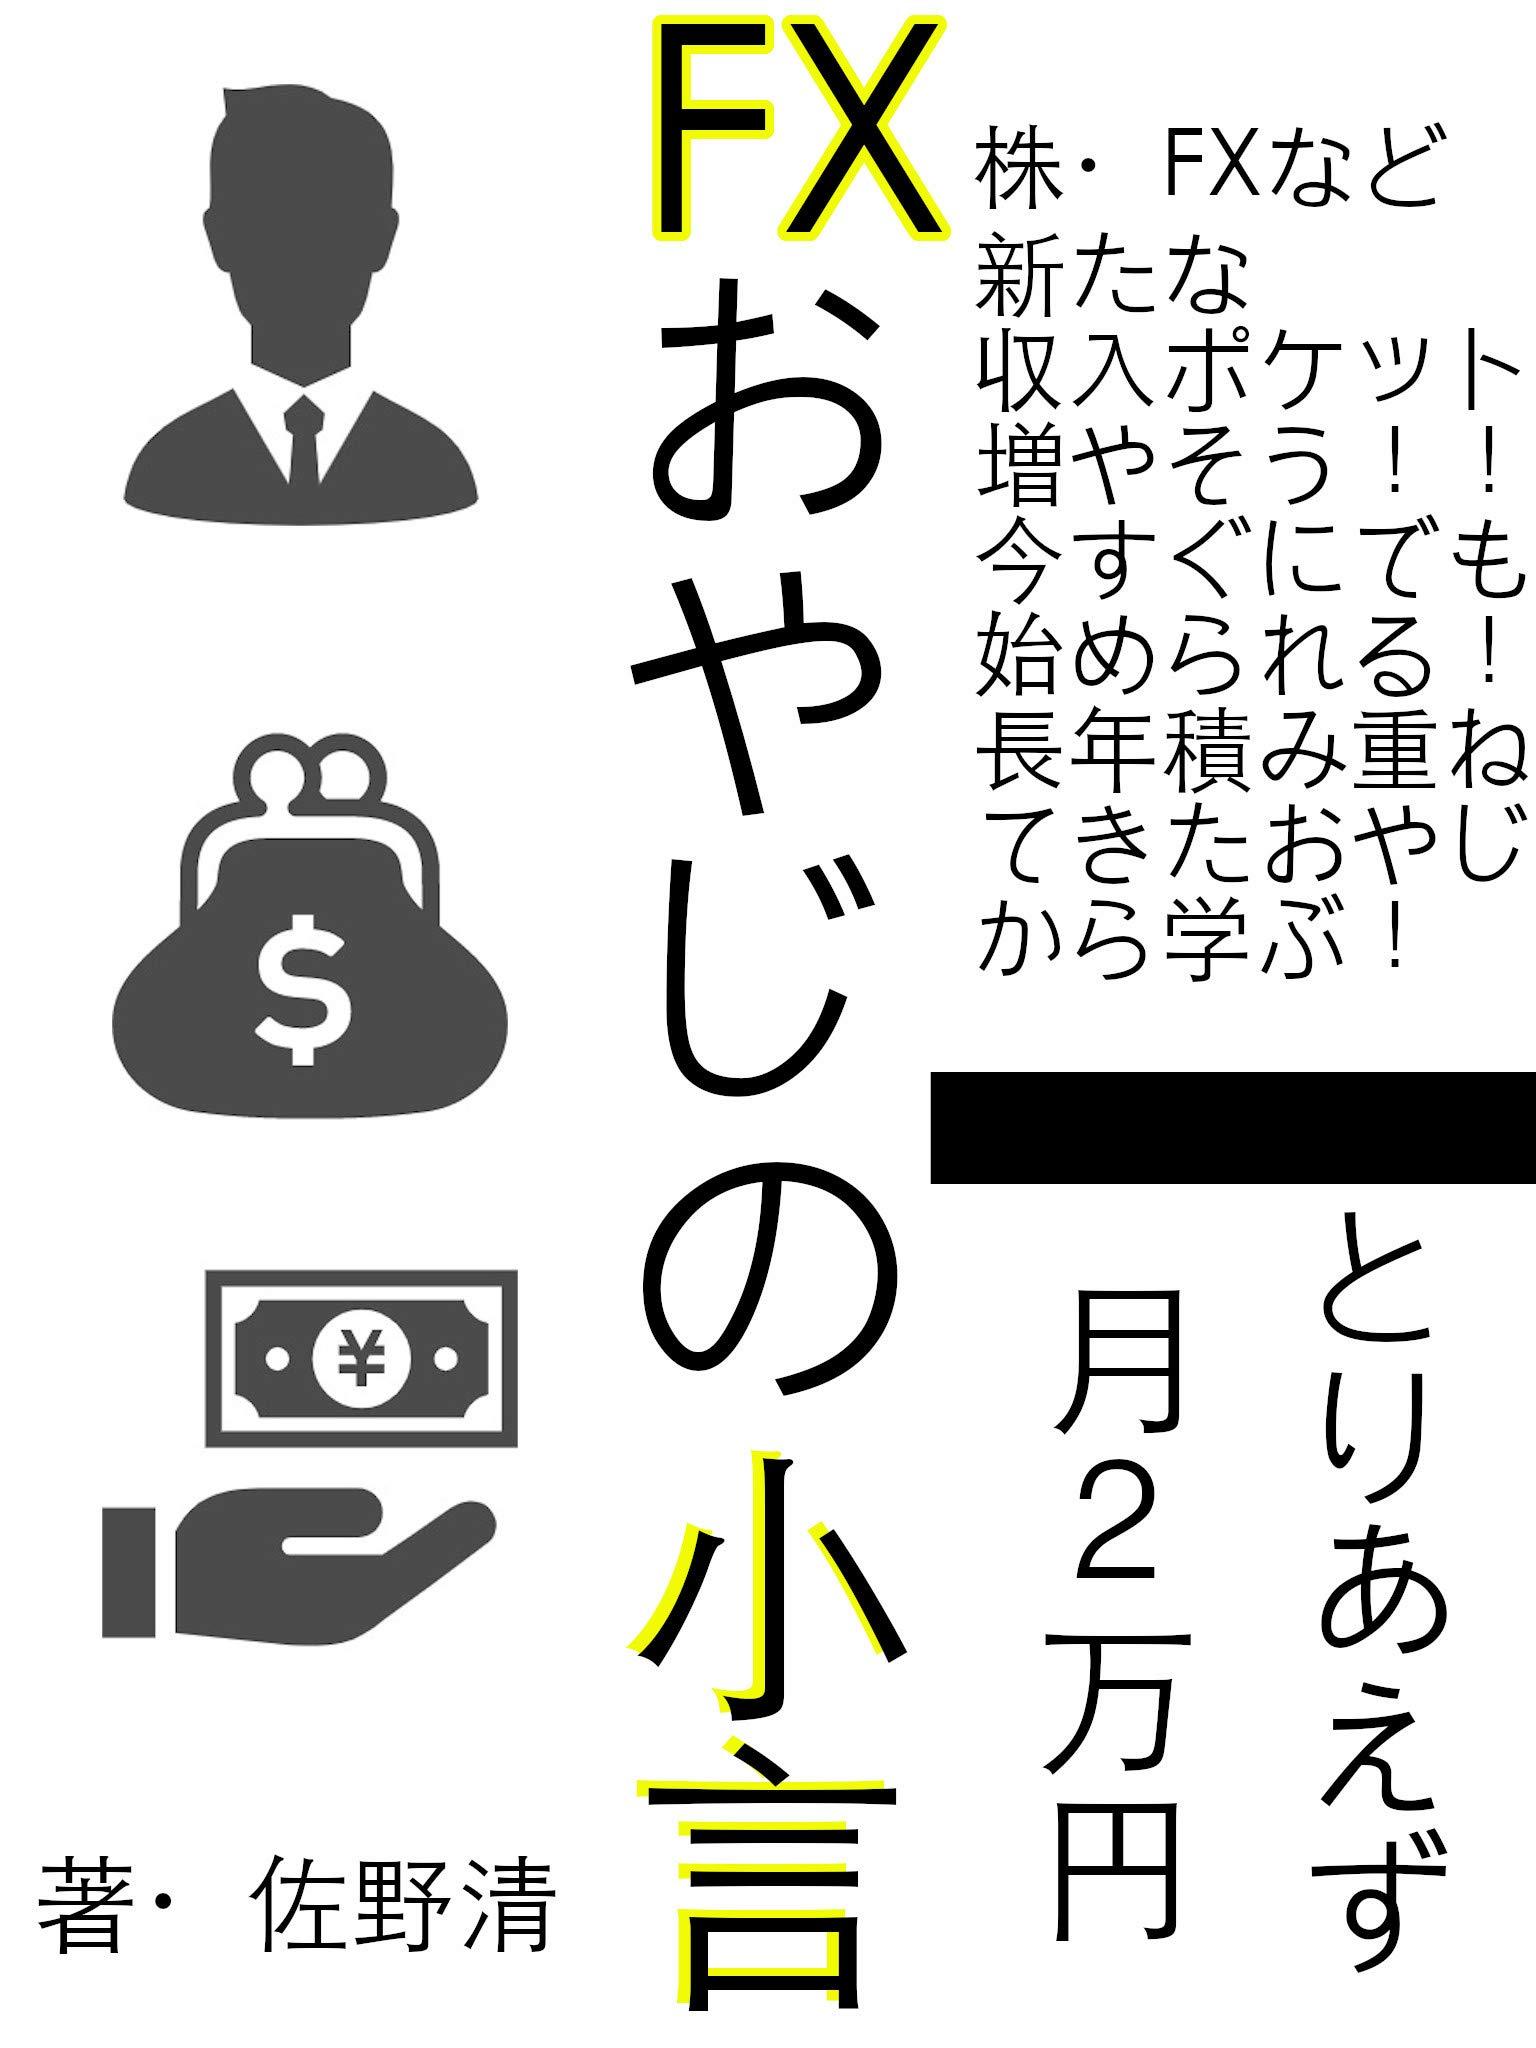 ehuekkusuoyazinokogoto (Japanese Edition)